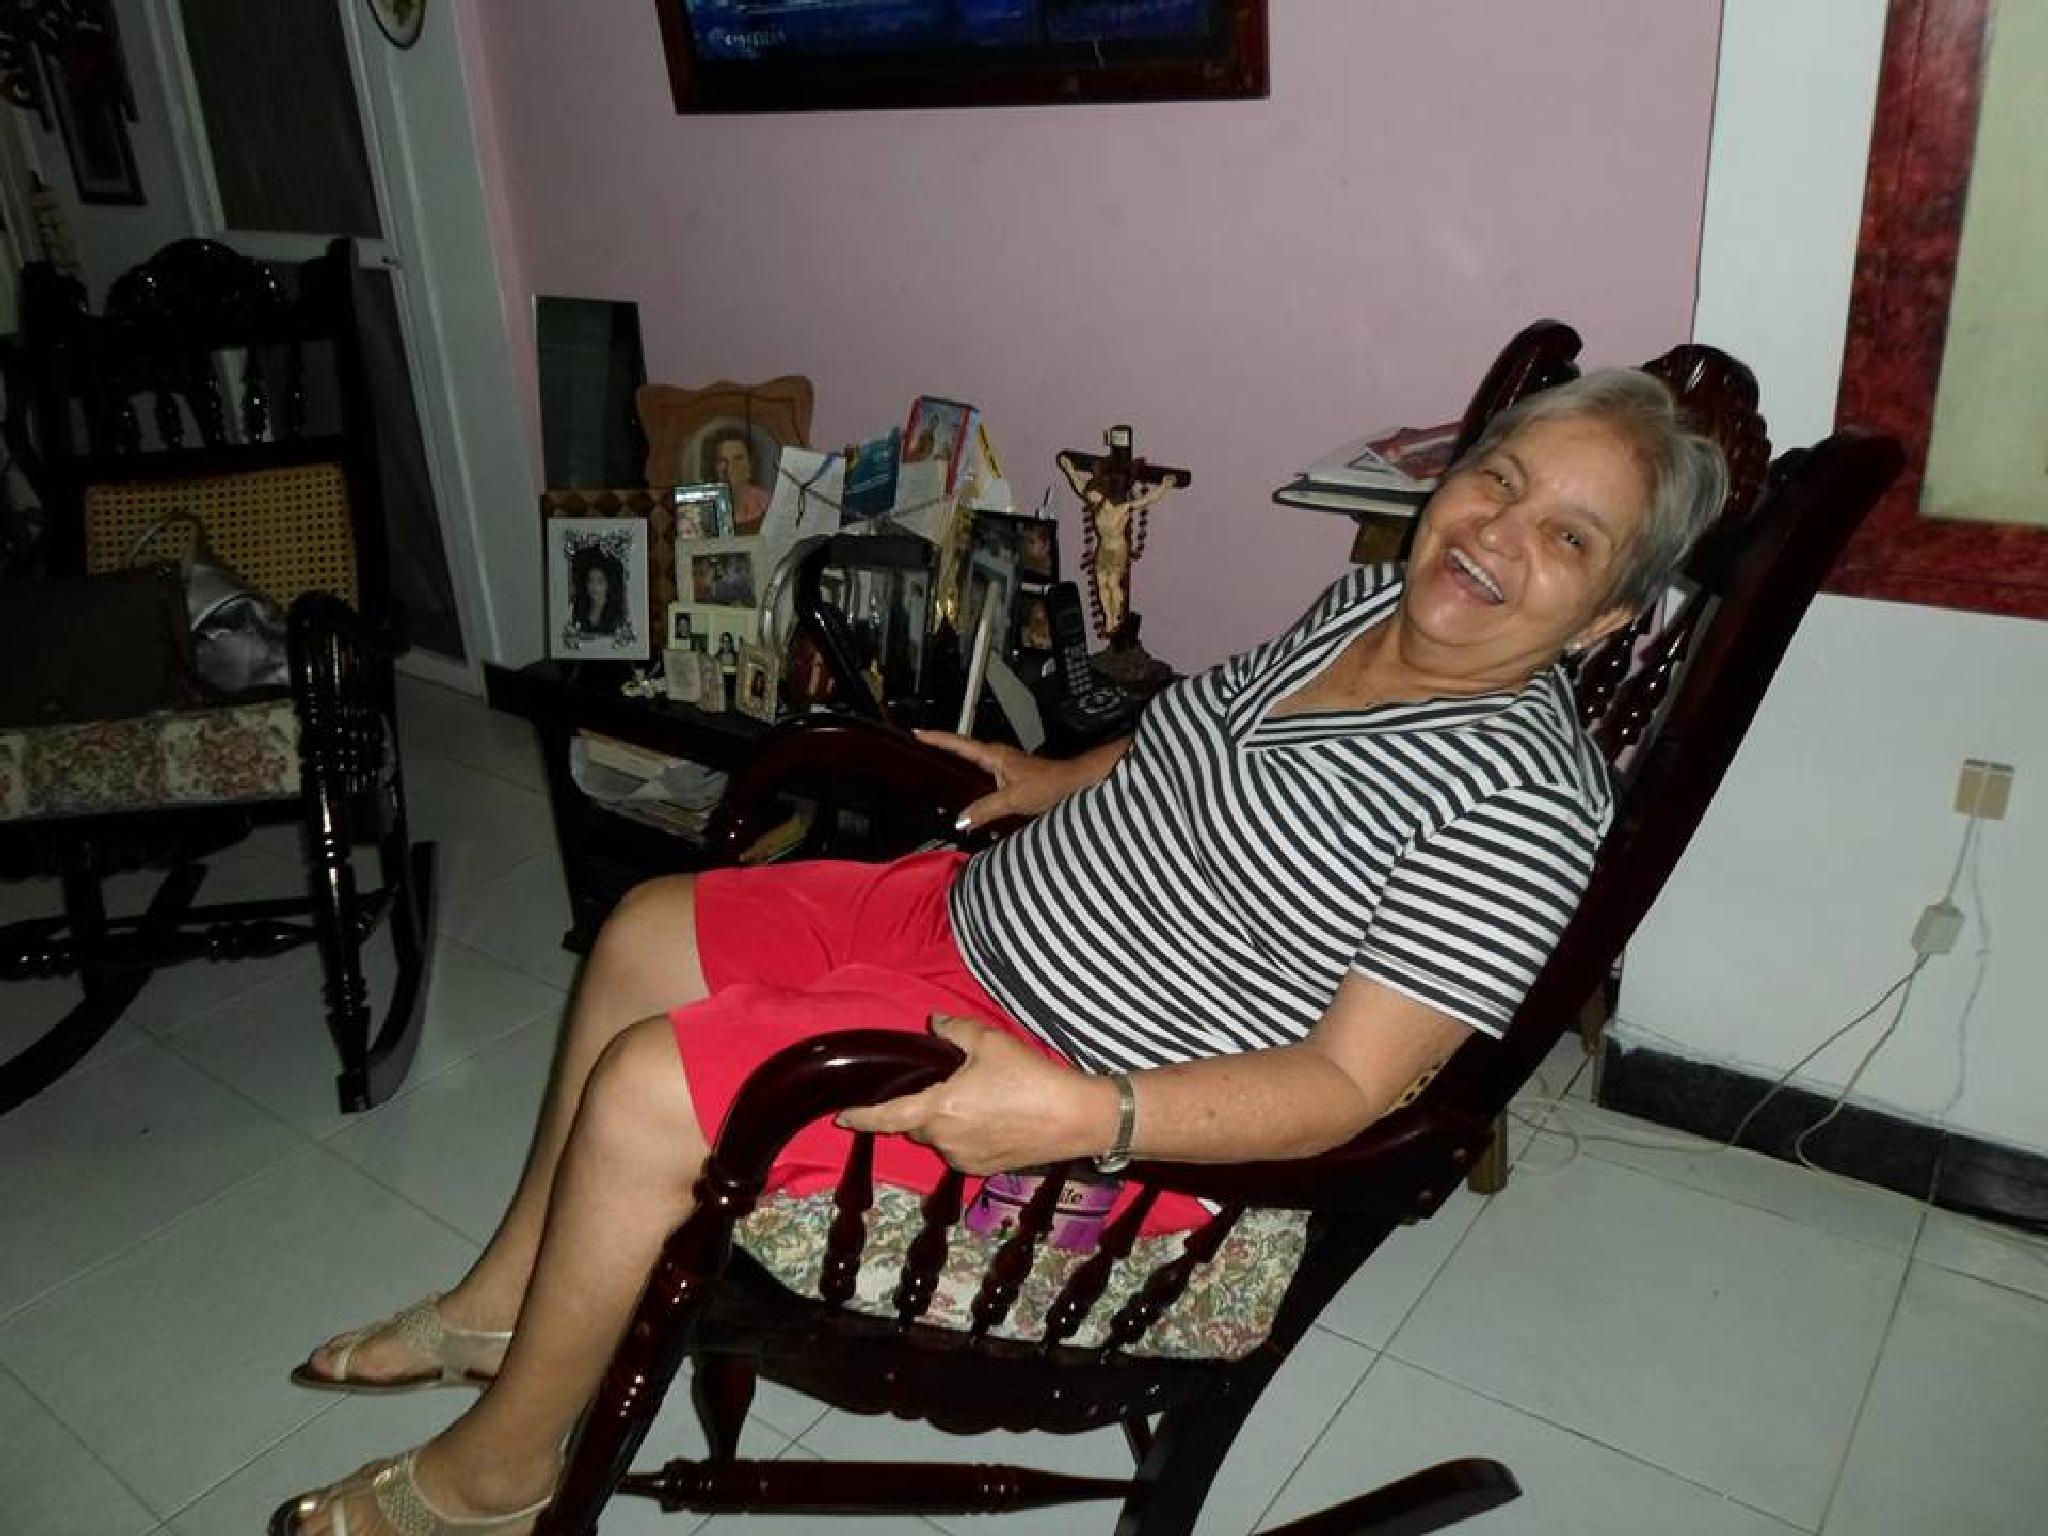 Señora descansando y divertiendose en su sala sanandresana by castariza